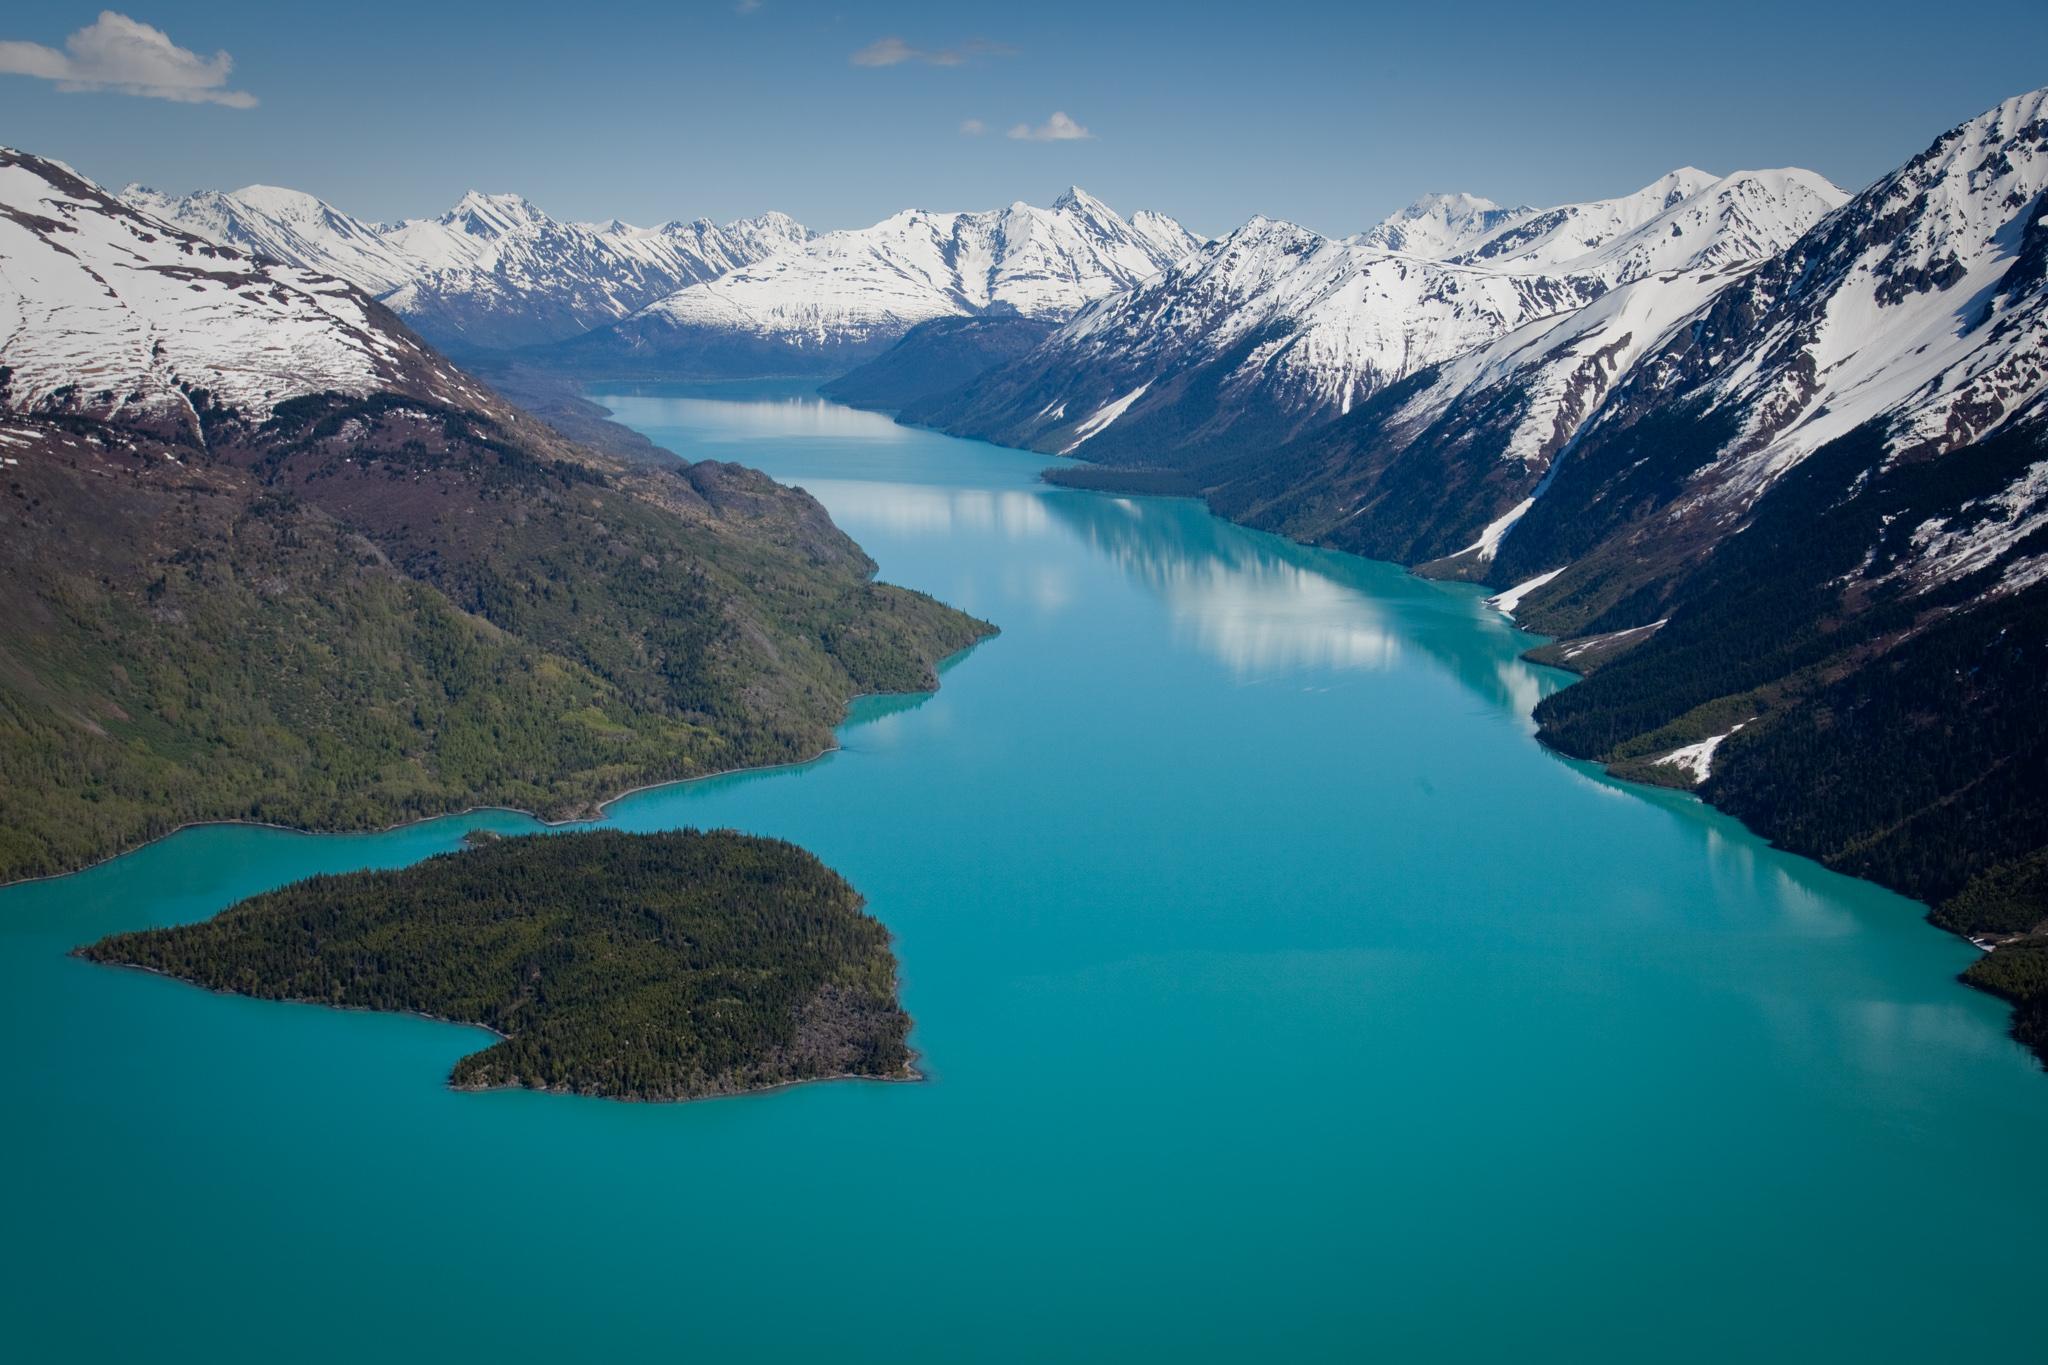 Alaska - August 30-September 2, 2019